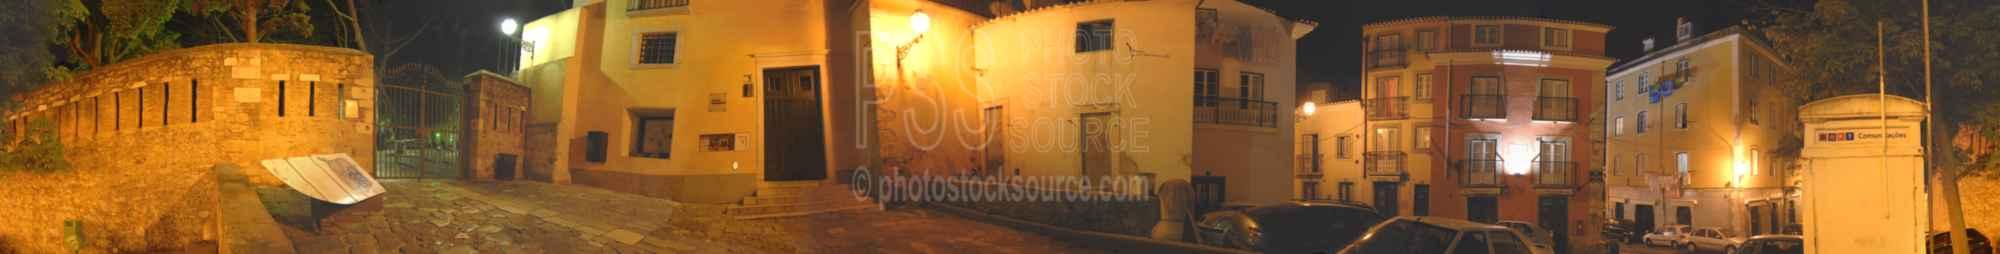 Gates of Castelo Sao Jorge